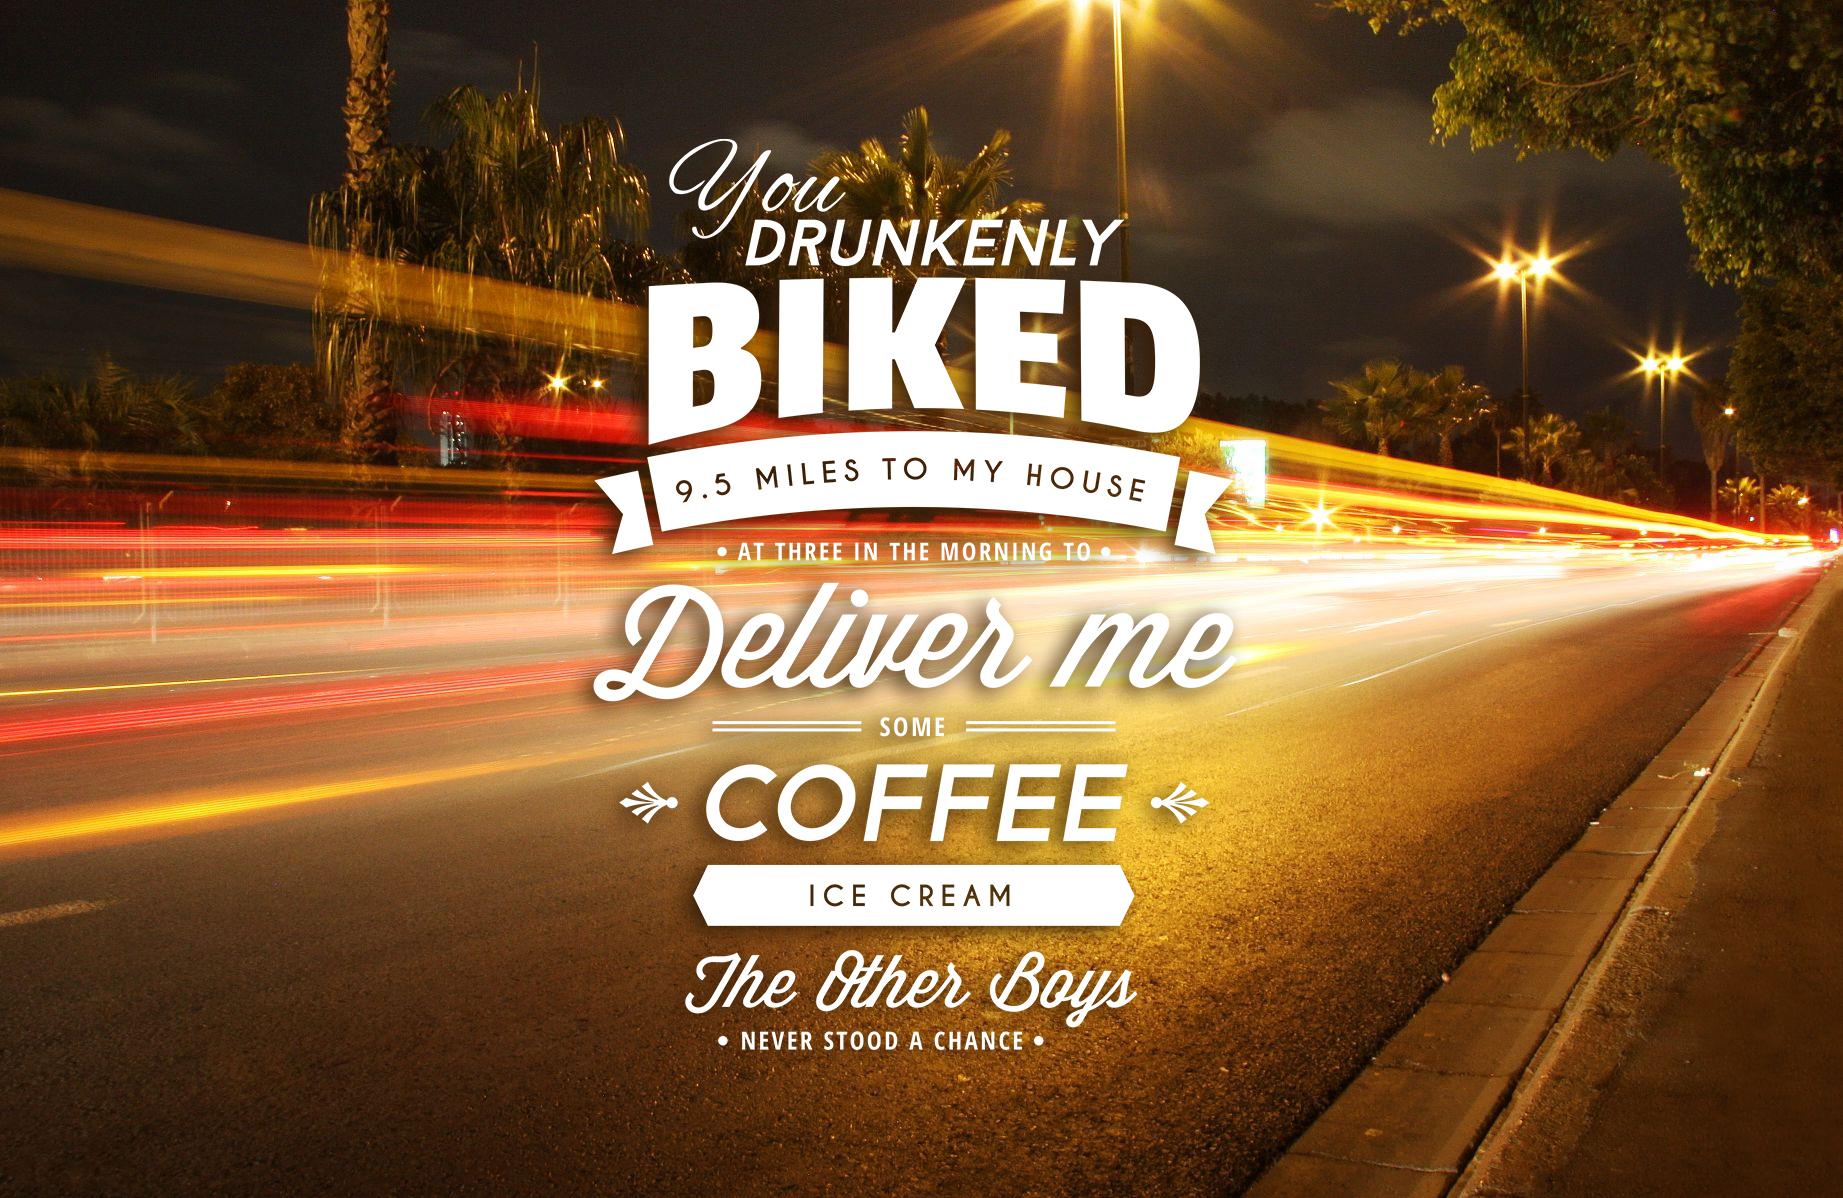 DrunkenlyBiked.jpg